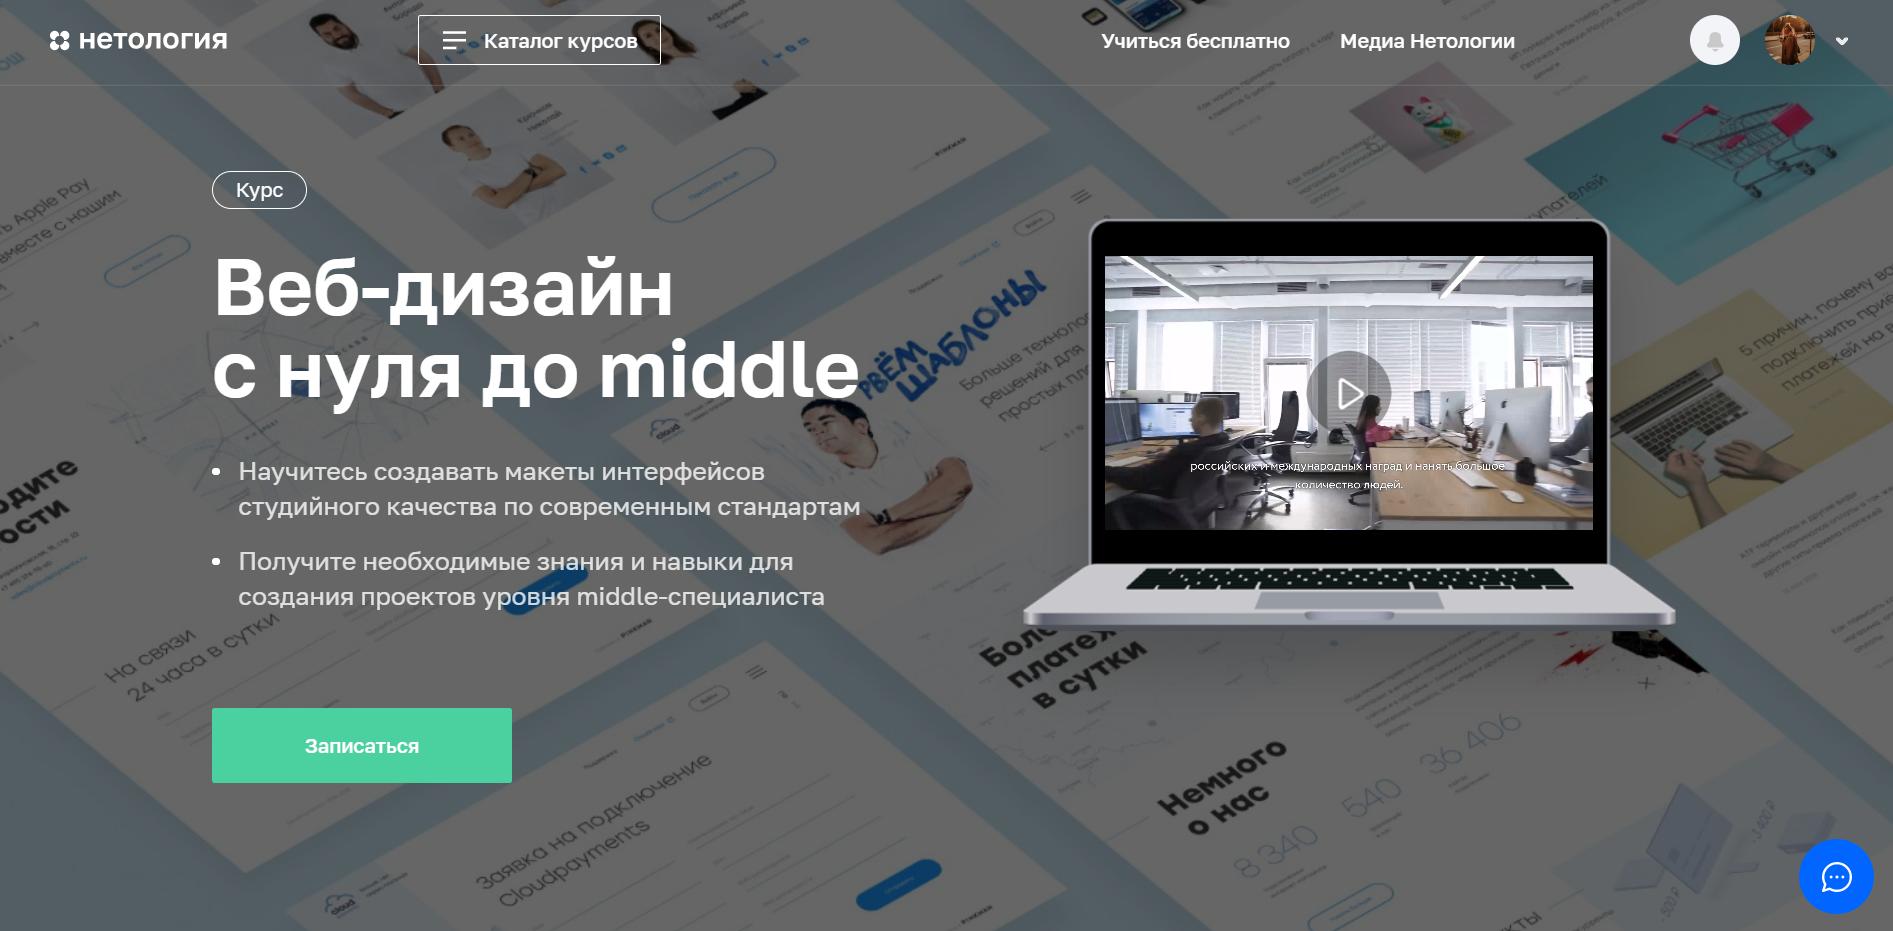 обучение на специальность Веб-дизайнер онлайн